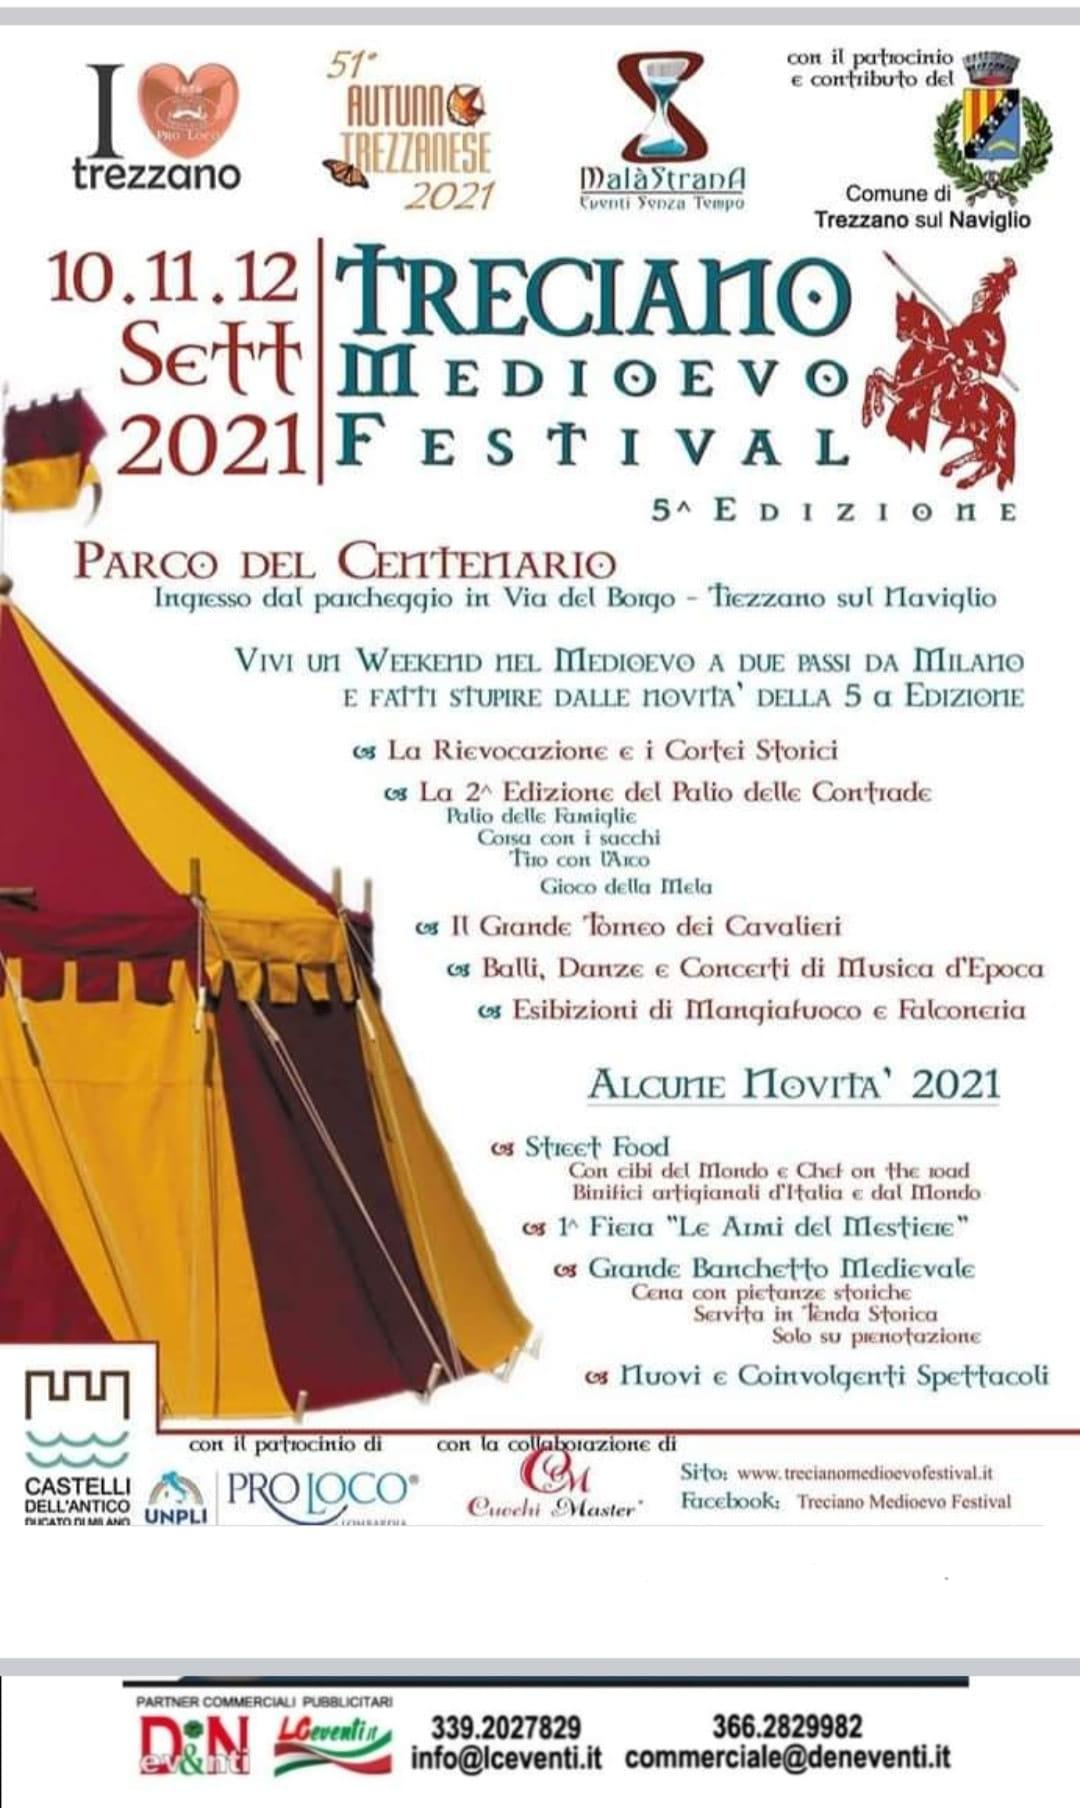 TREZZANO SUL NAVIGLIO (MI): Treciano Medioevo Festival 2021